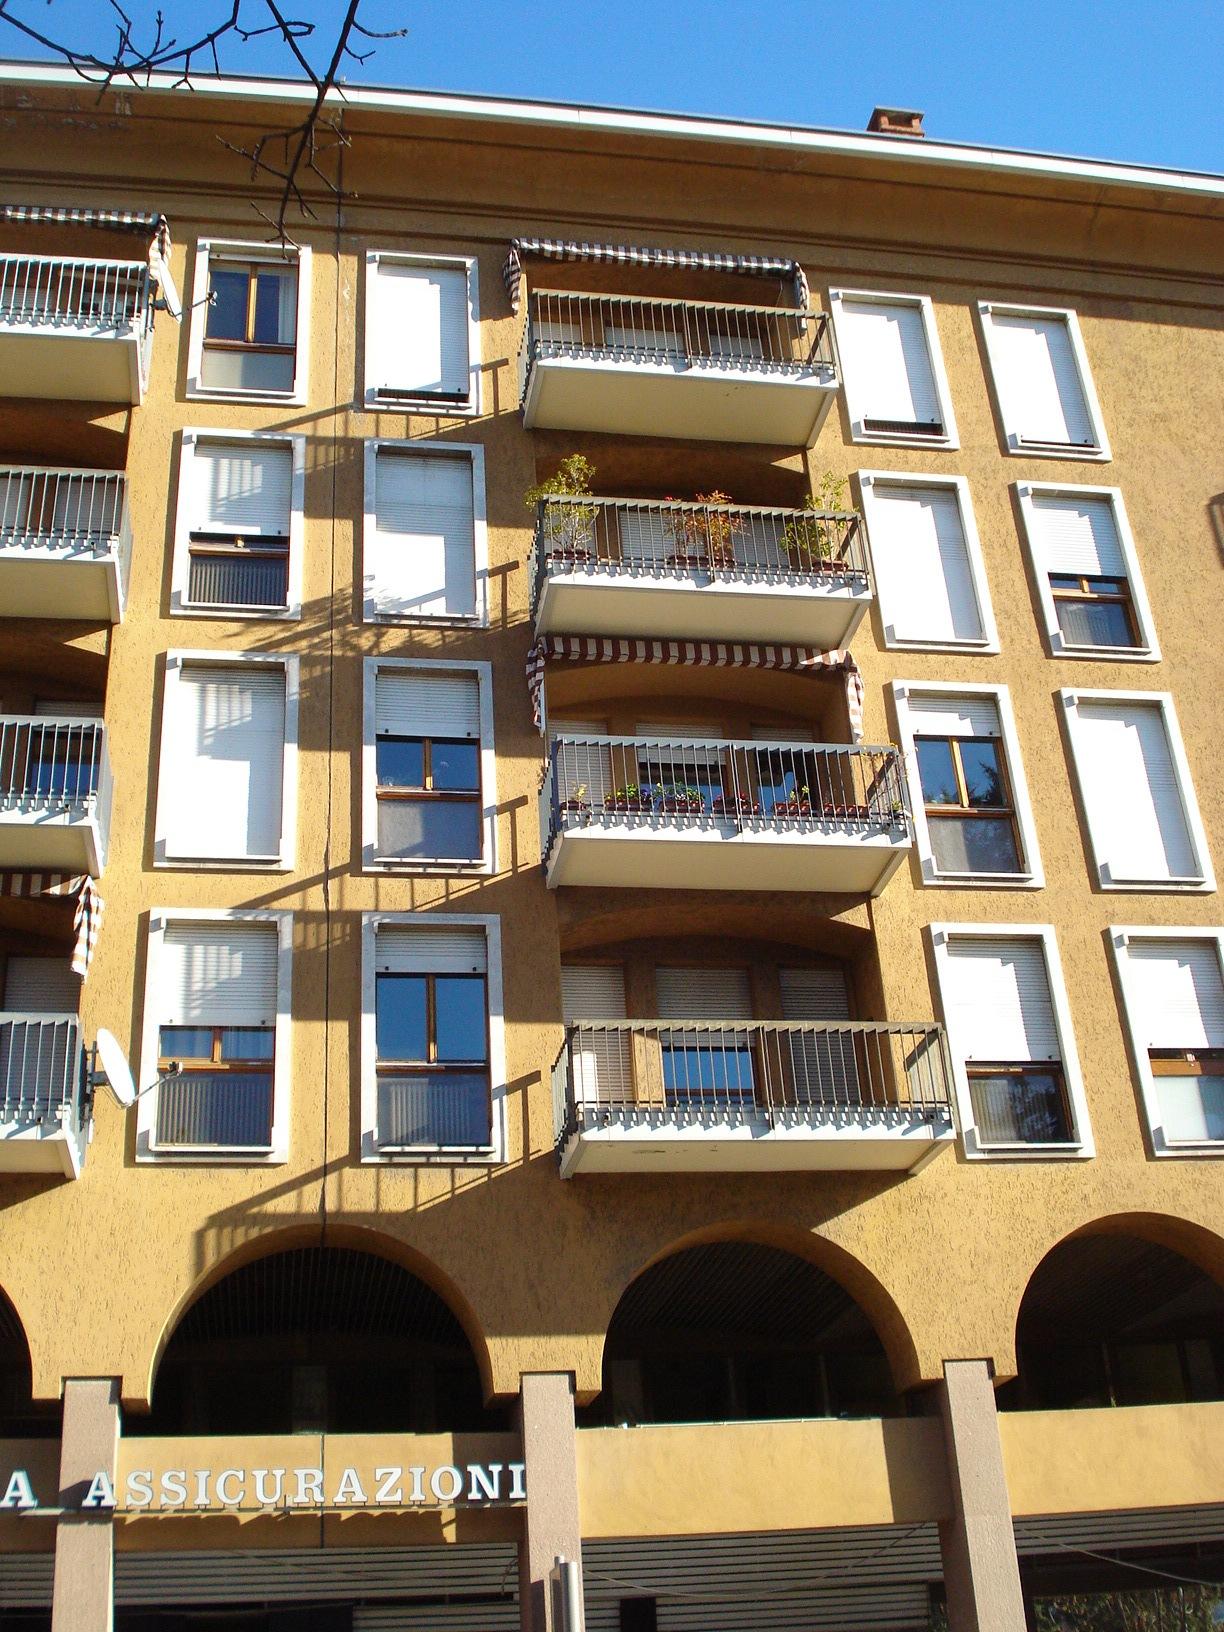 Appartamento in affitto a Biella, 4 locali, zona Zona: Centro, prezzo € 570 | Cambio Casa.it